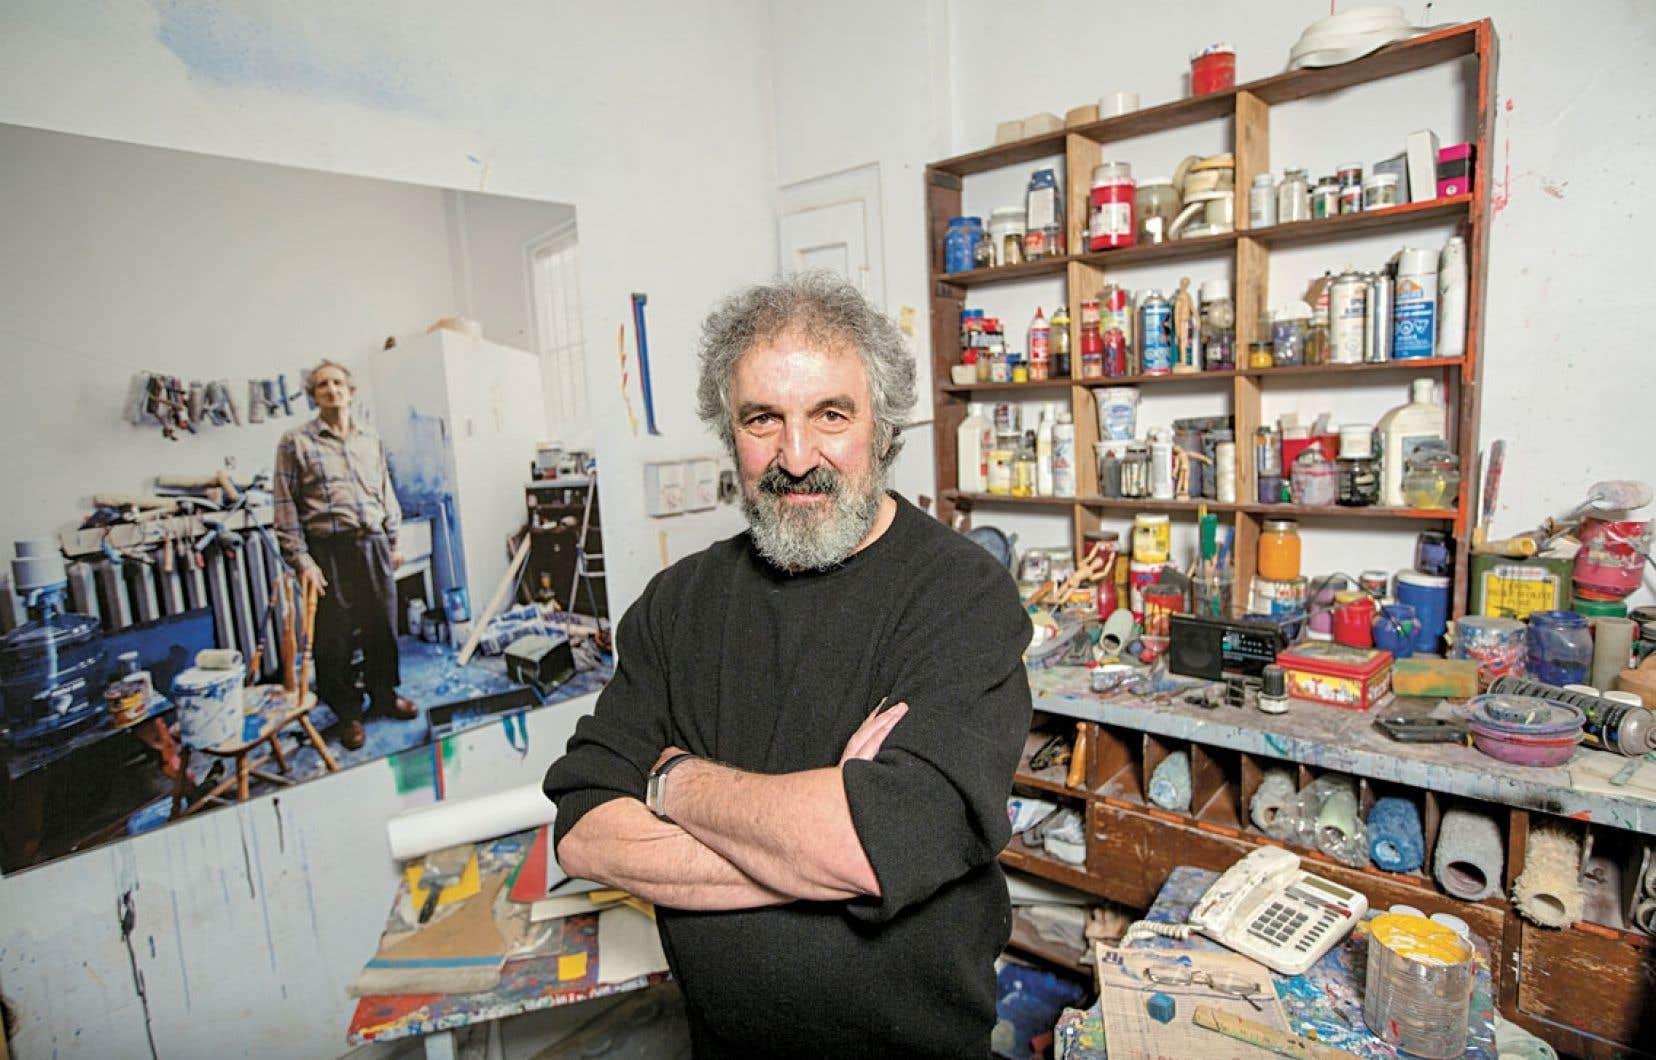 Gilles Daigneault dans l'atelier de l'artiste. Pour l'exposition, le directeur de la Fondation Molinari s'est concentré sur « l'âge d'or » de Molinari, entre 1964 et 1968.